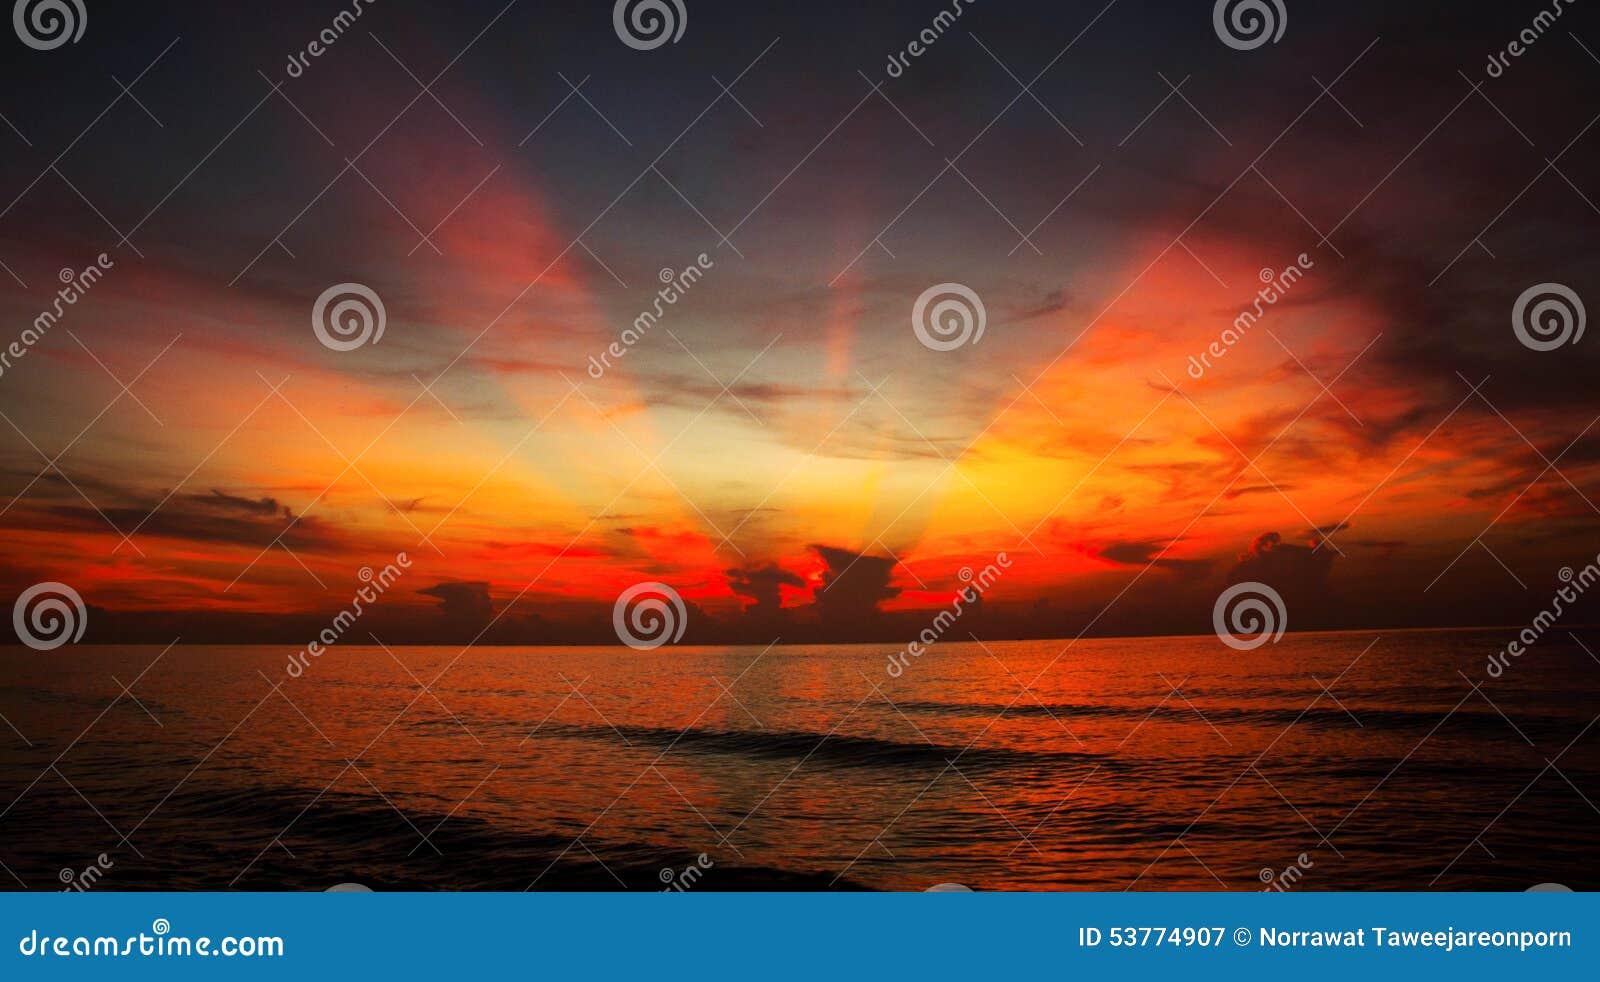 La puesta del sol y los efectos luminosos sobre el mar emergen